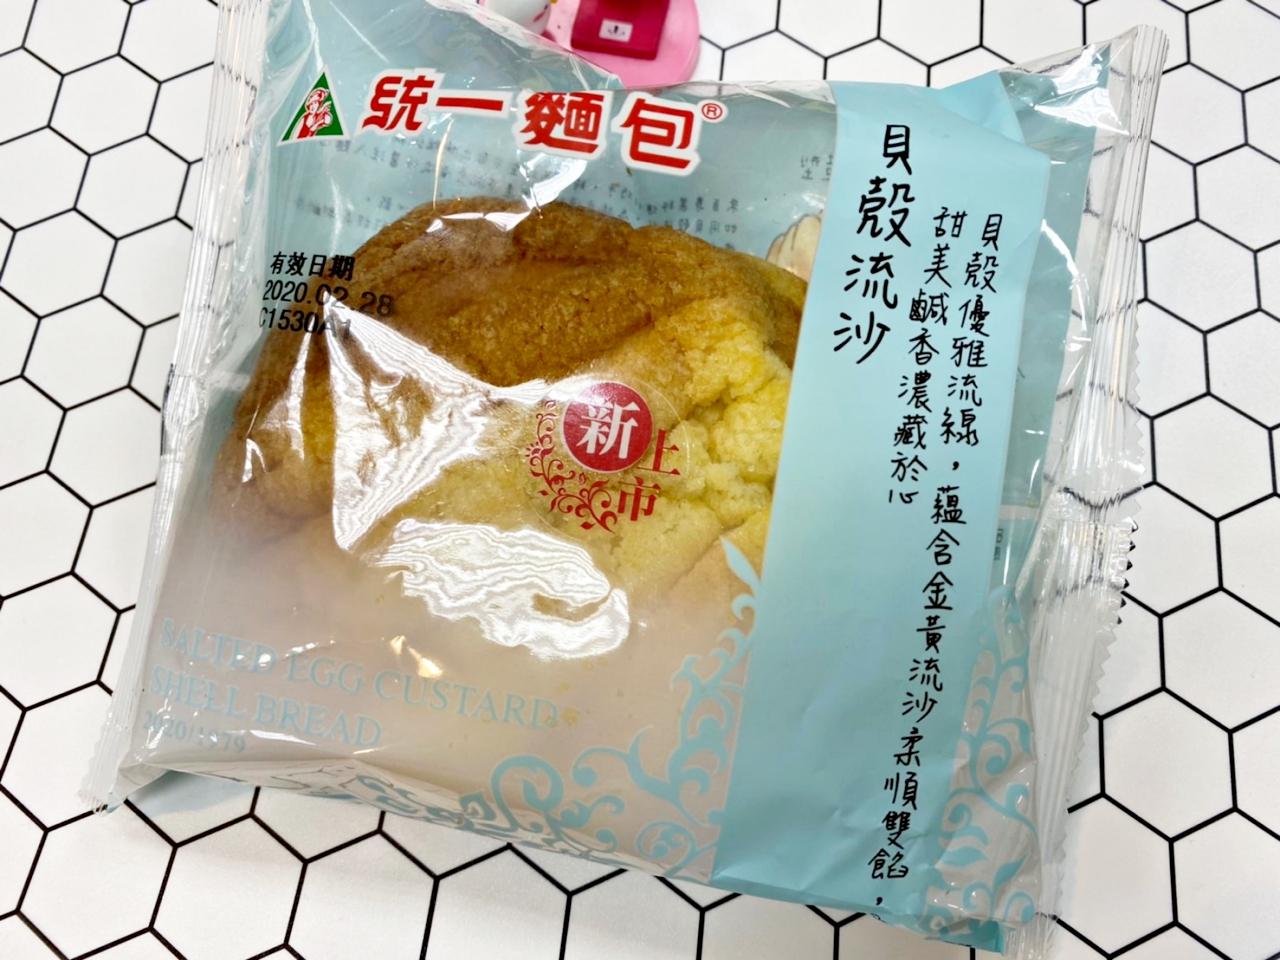 7-11貝殼流沙,微波一下更好吃…鹹甜口感讓人意猶未盡